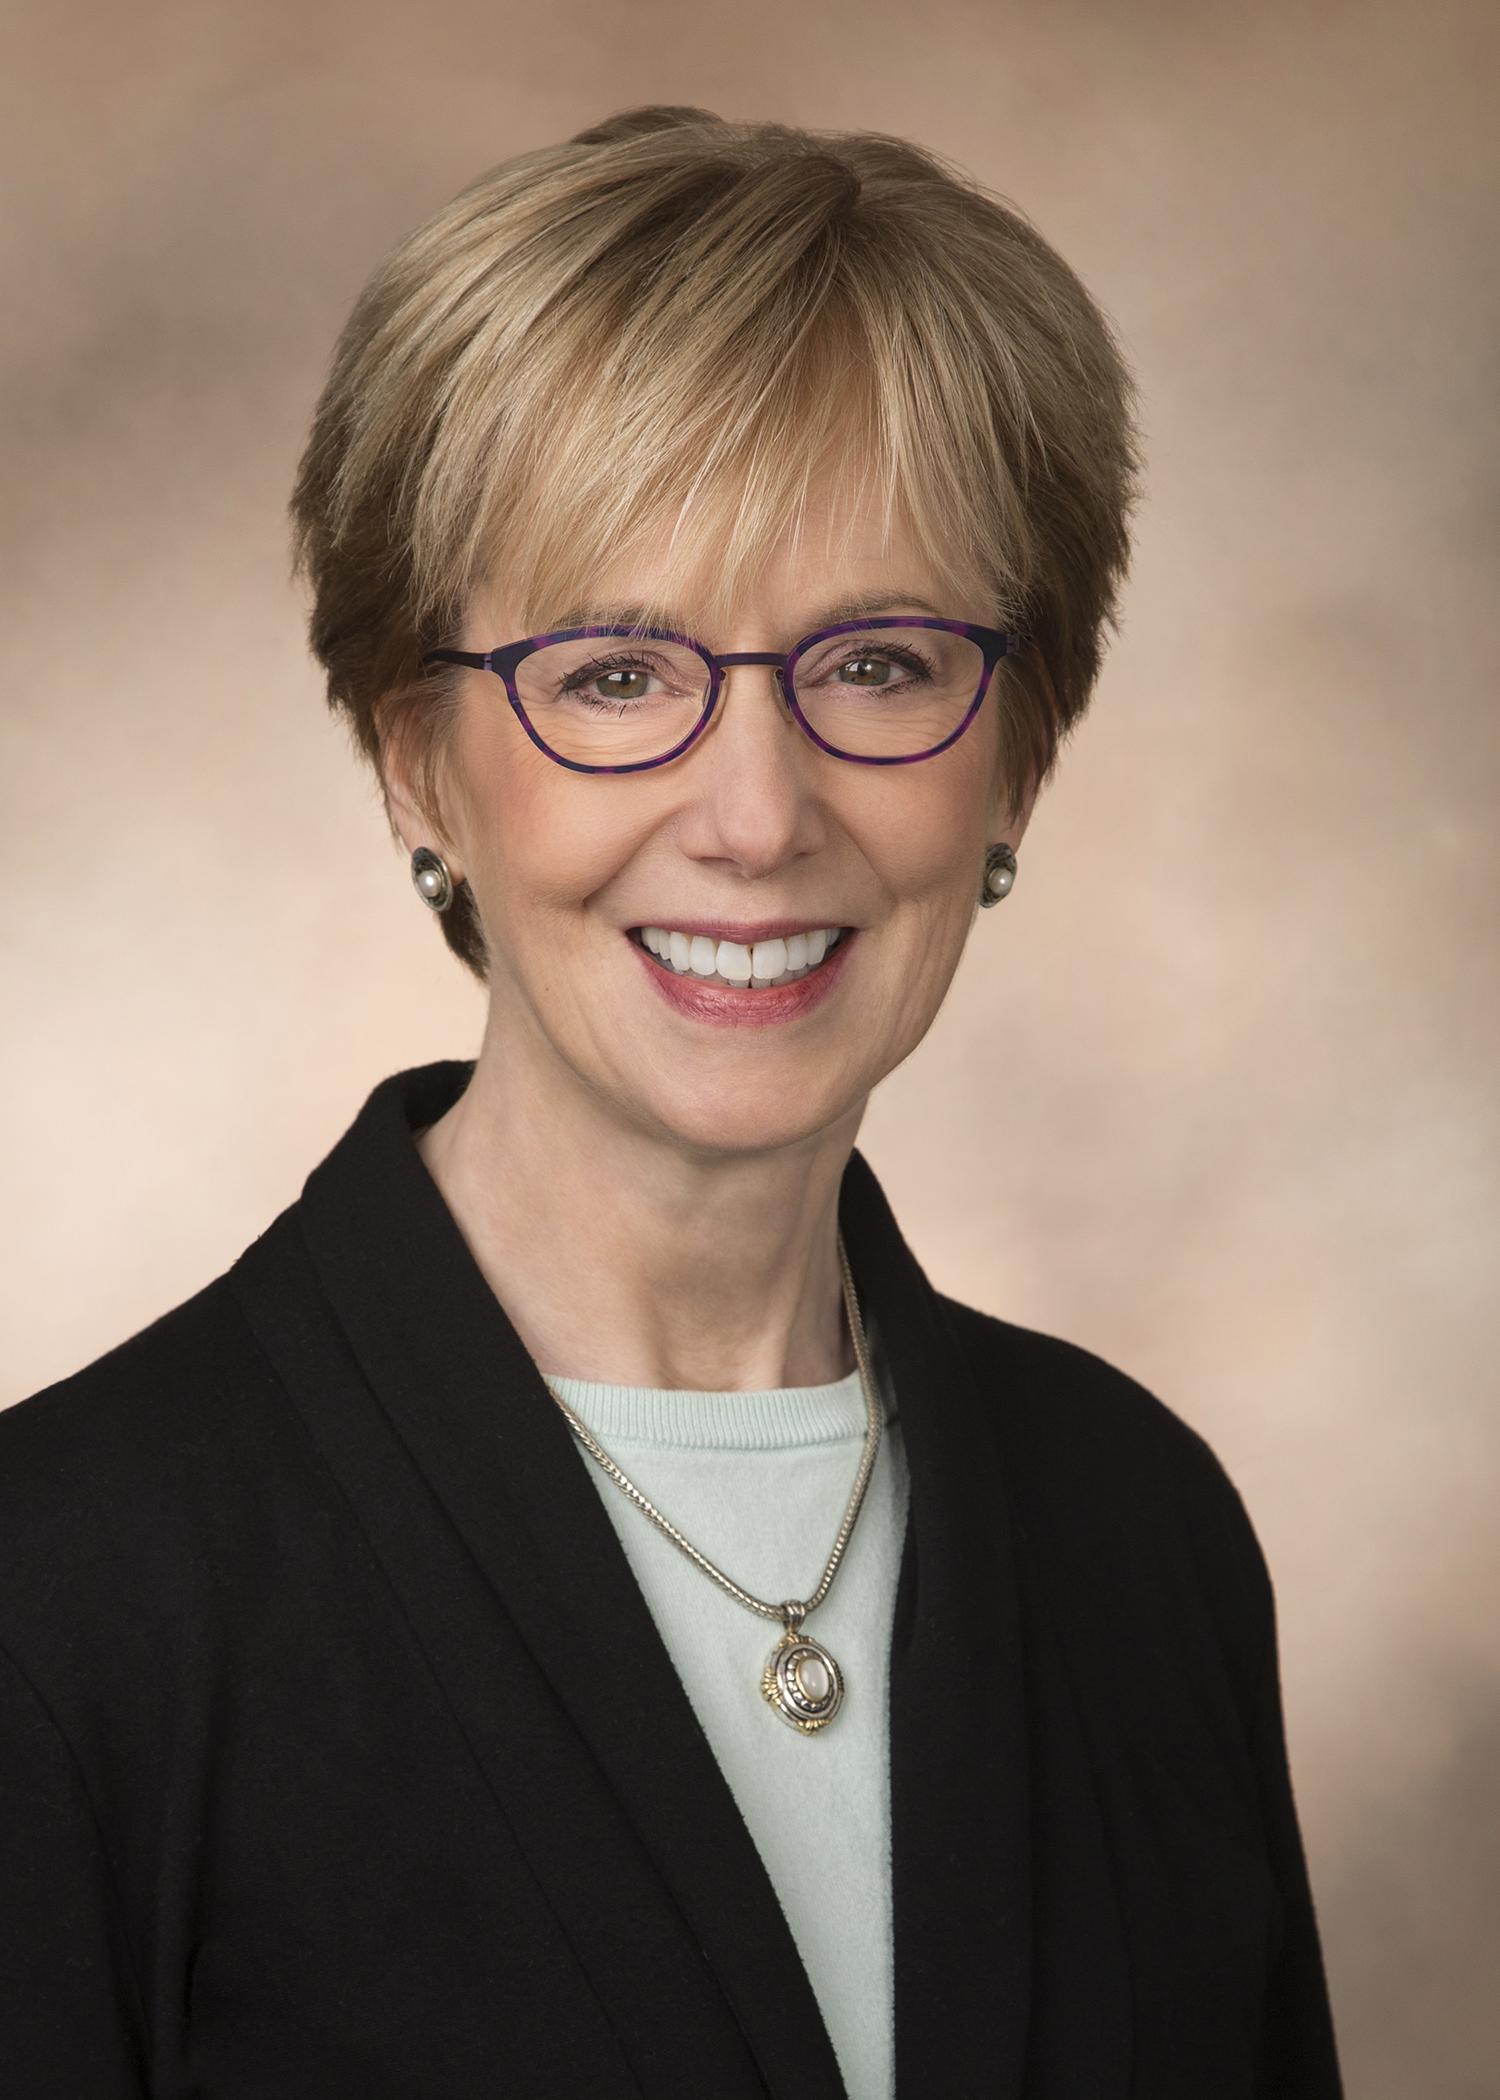 Susan Dudley